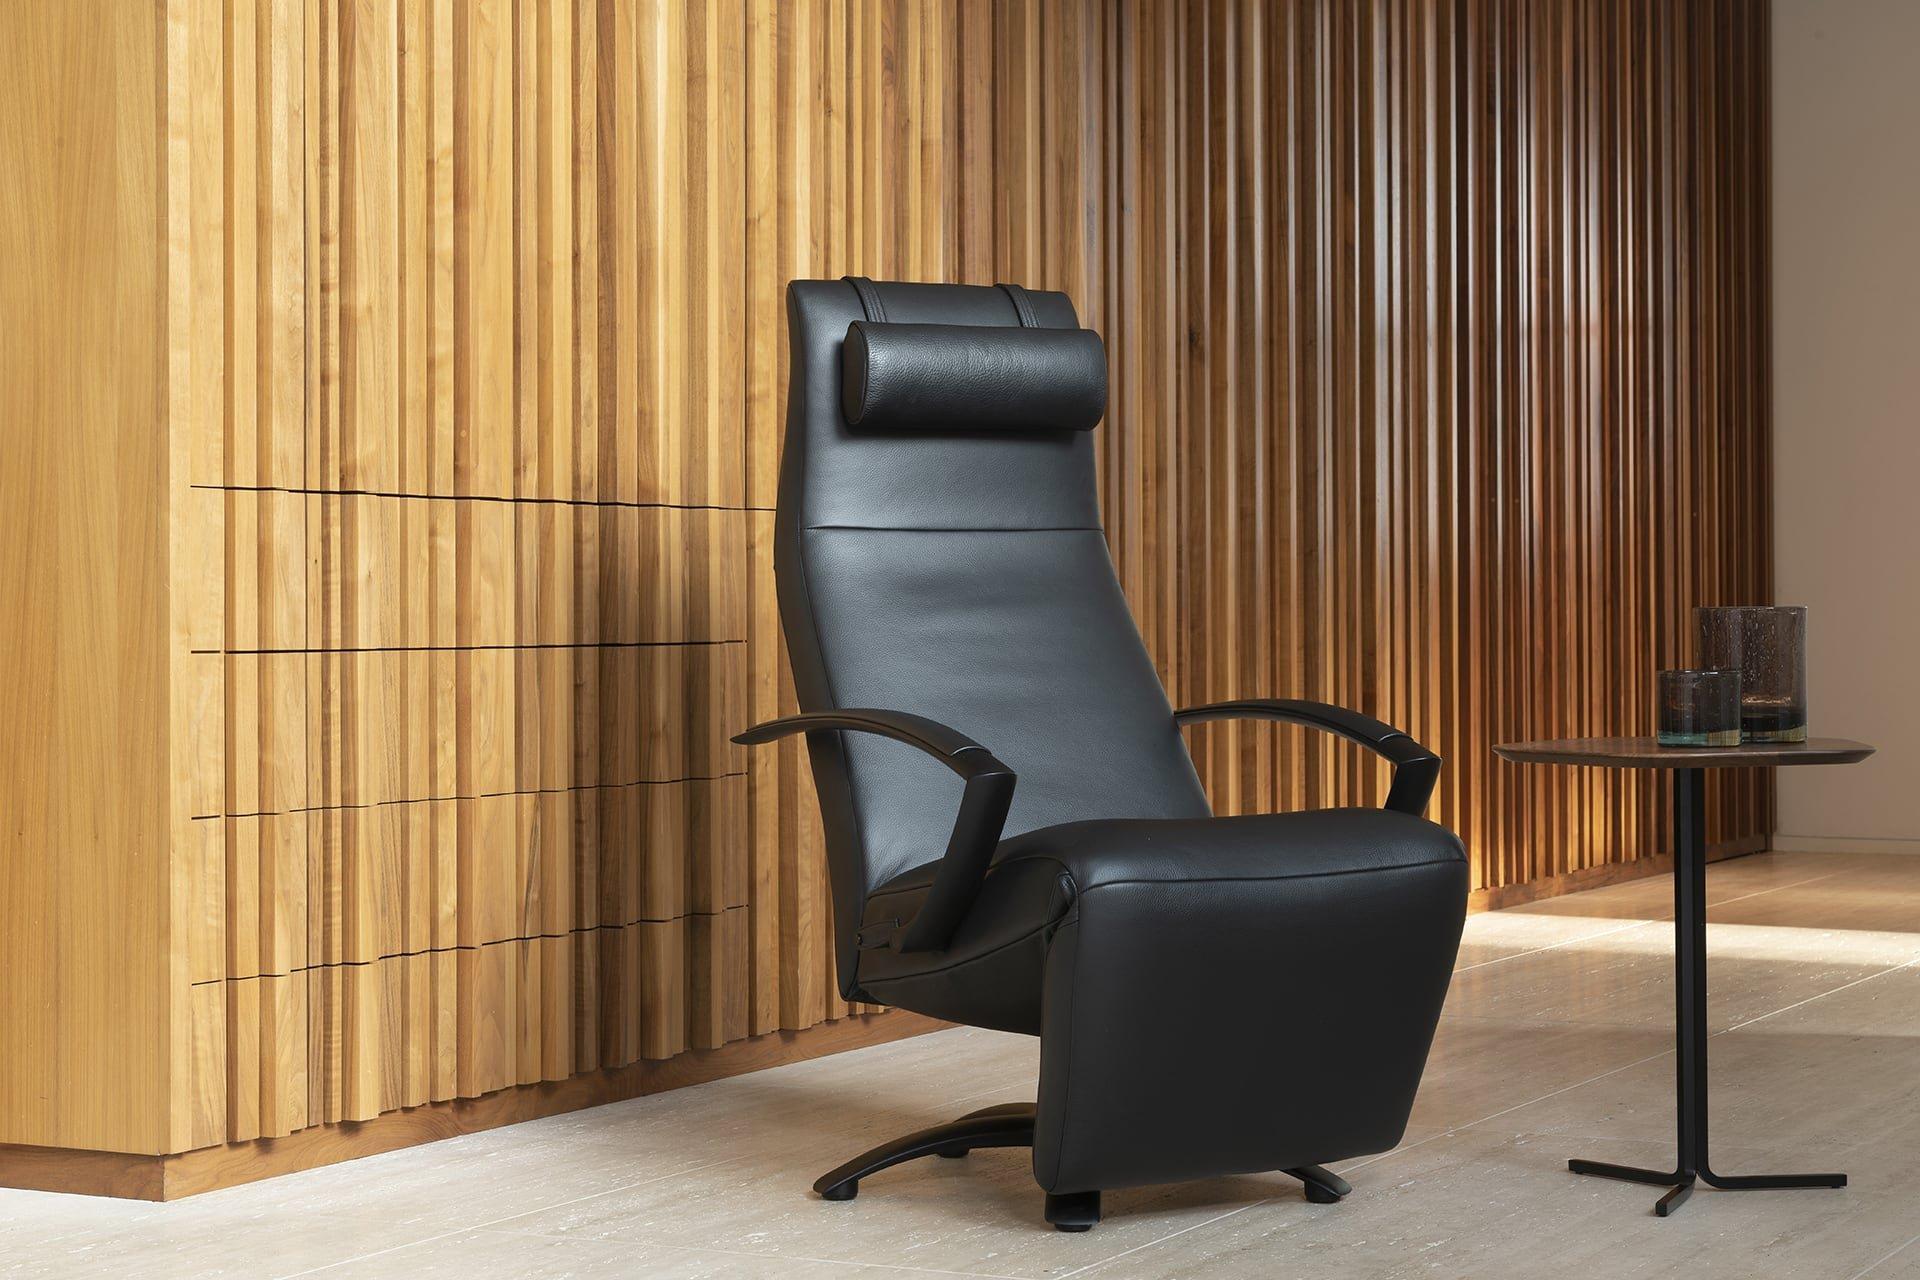 Full Size of Liegesessel Verstellbar Brainbuilder Lounge Relaxsessel Product Designer Mbel Jori Sofa Mit Verstellbarer Sitztiefe Wohnzimmer Liegesessel Verstellbar